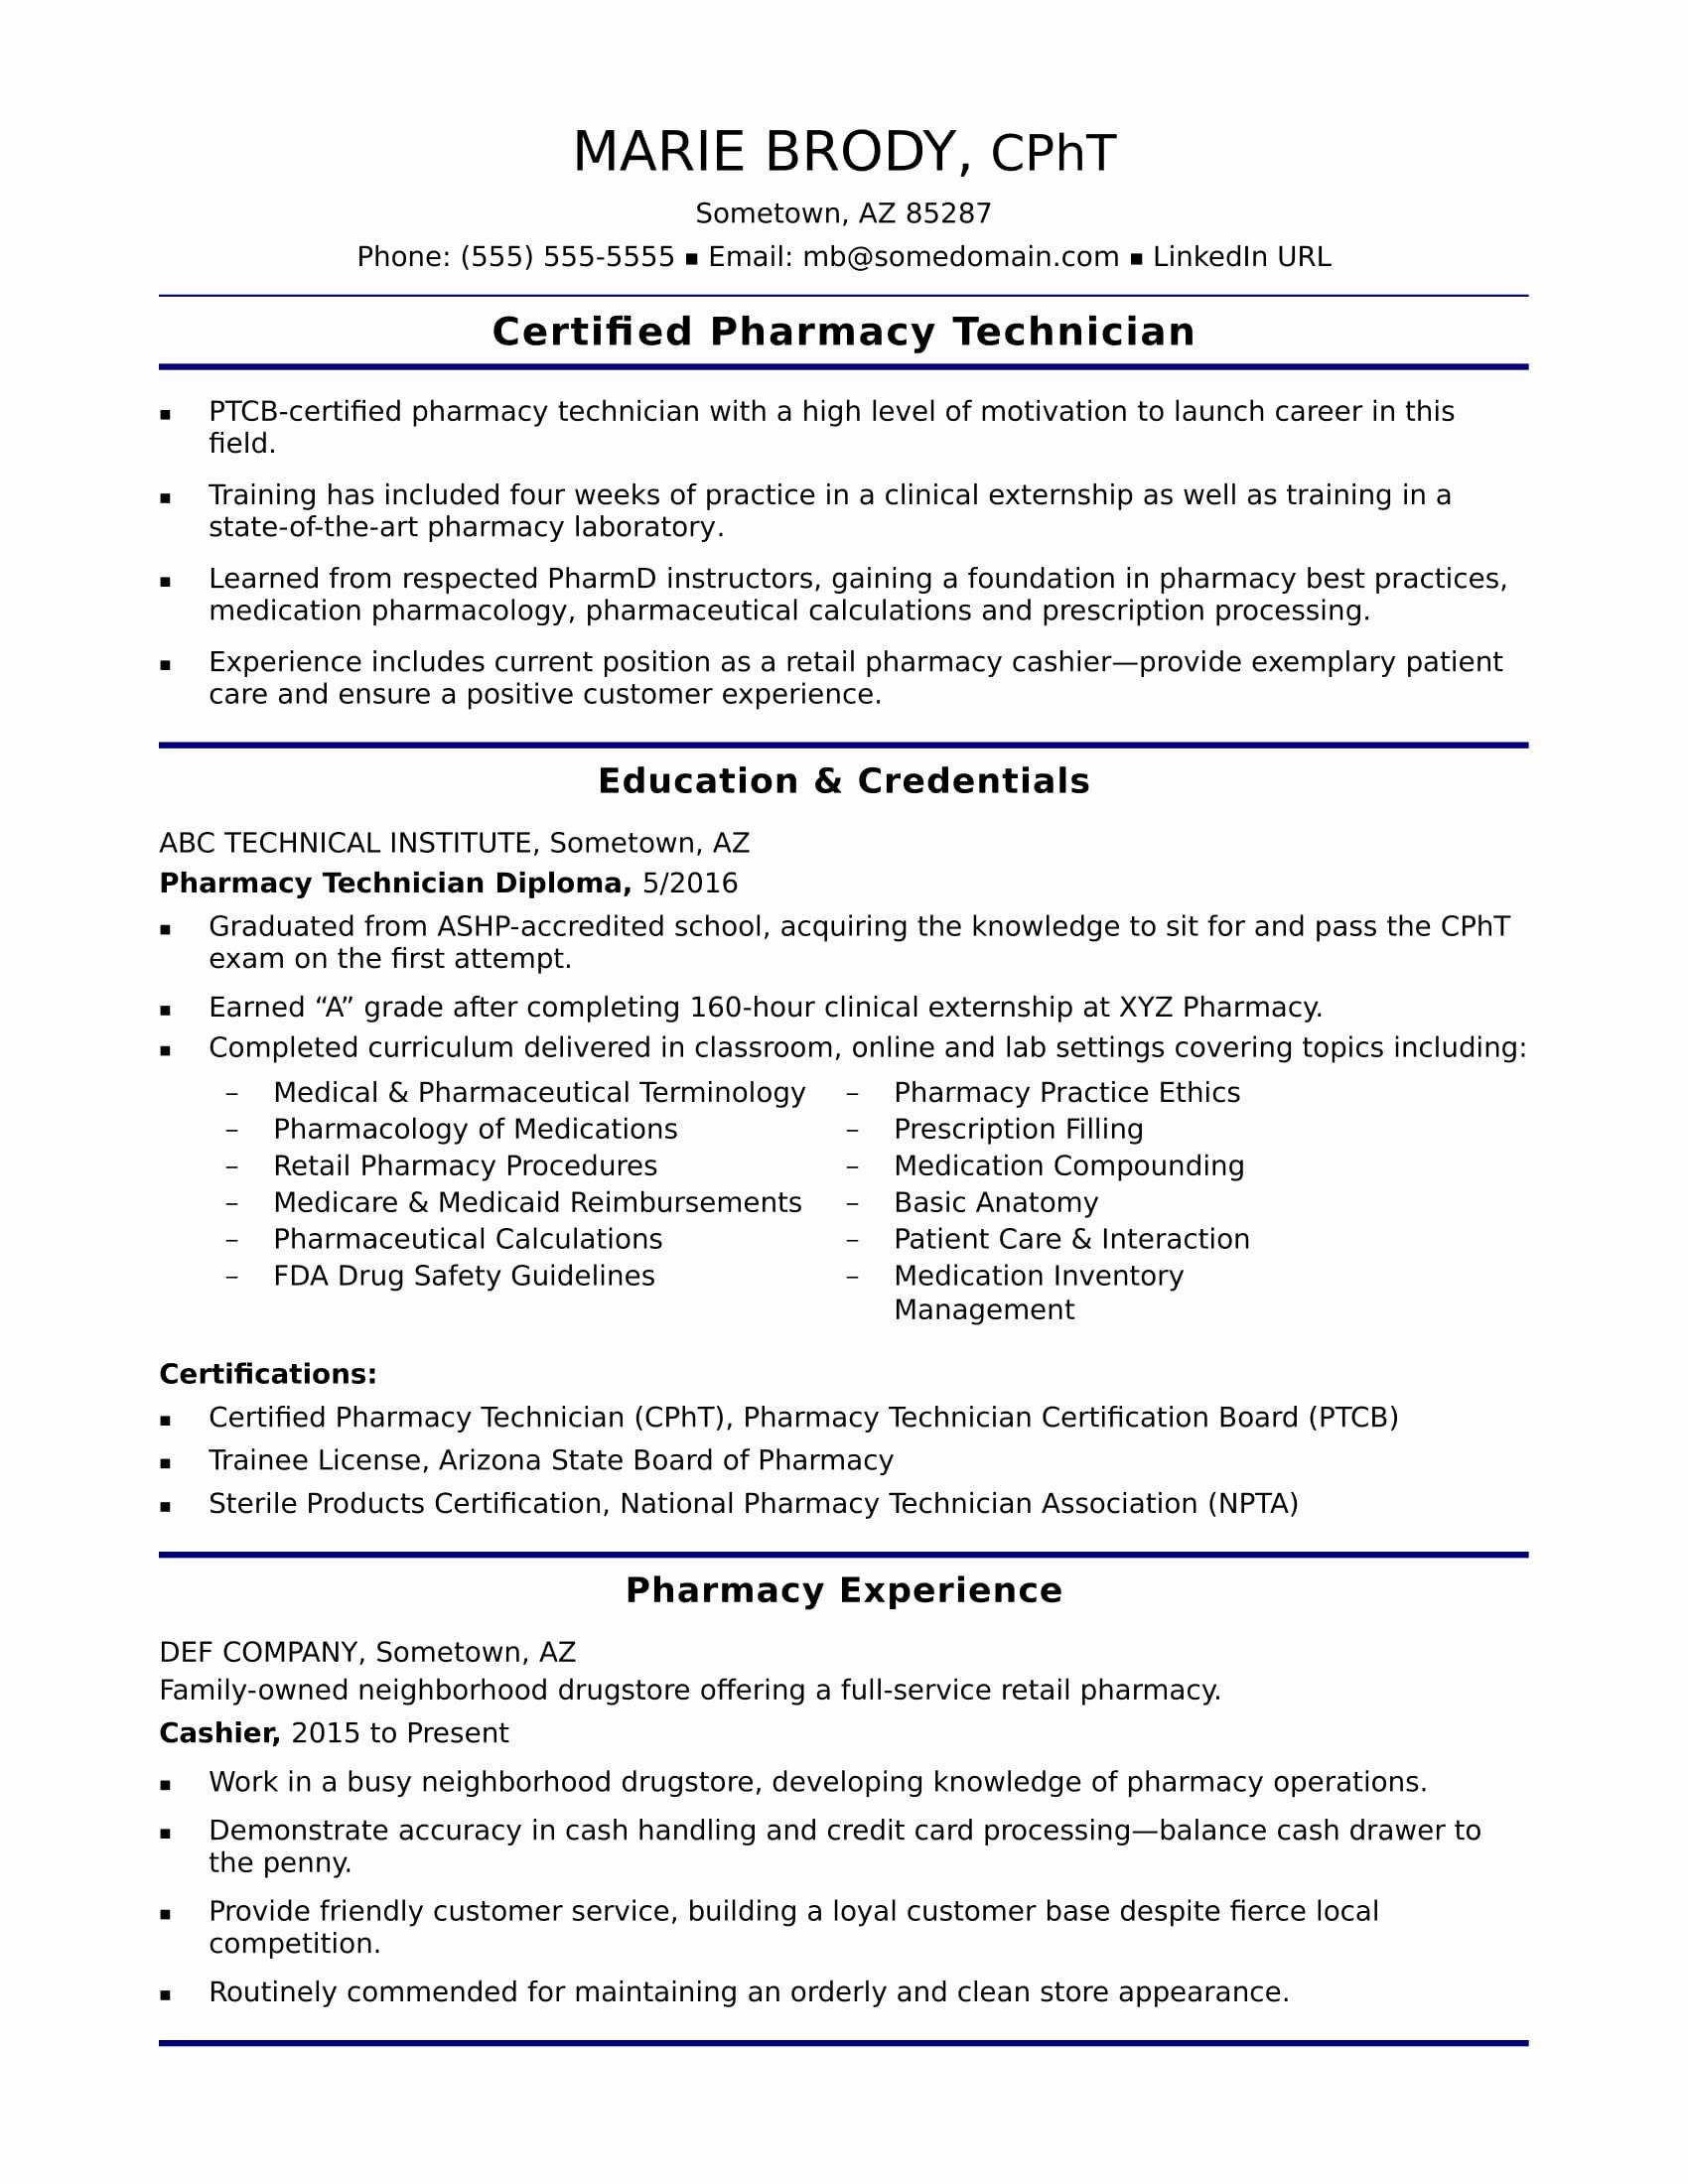 Pharmacy Technician Resume Sample Fresh Entry Level Pharmacy Technician Resume Sample